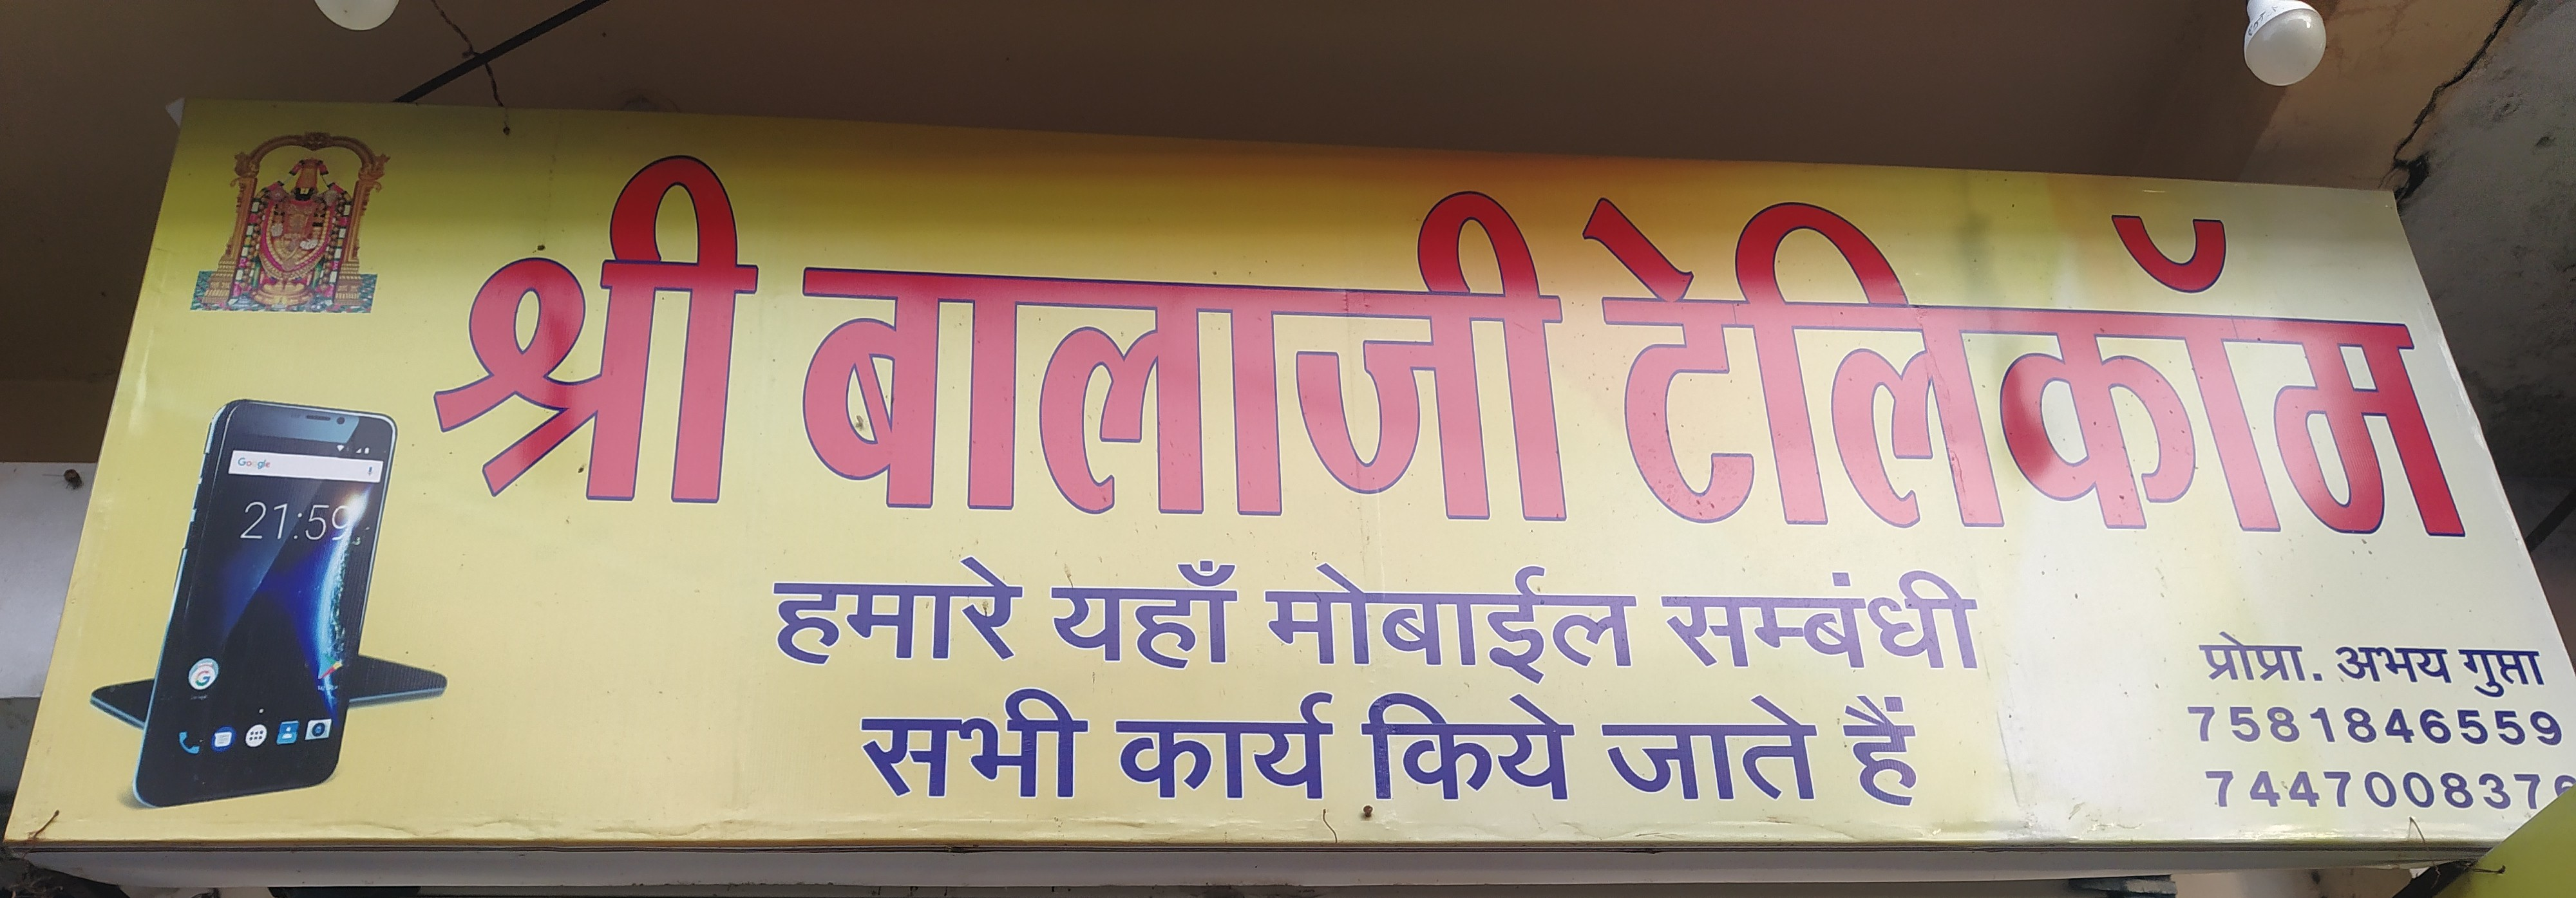 Shree Balaji telecom